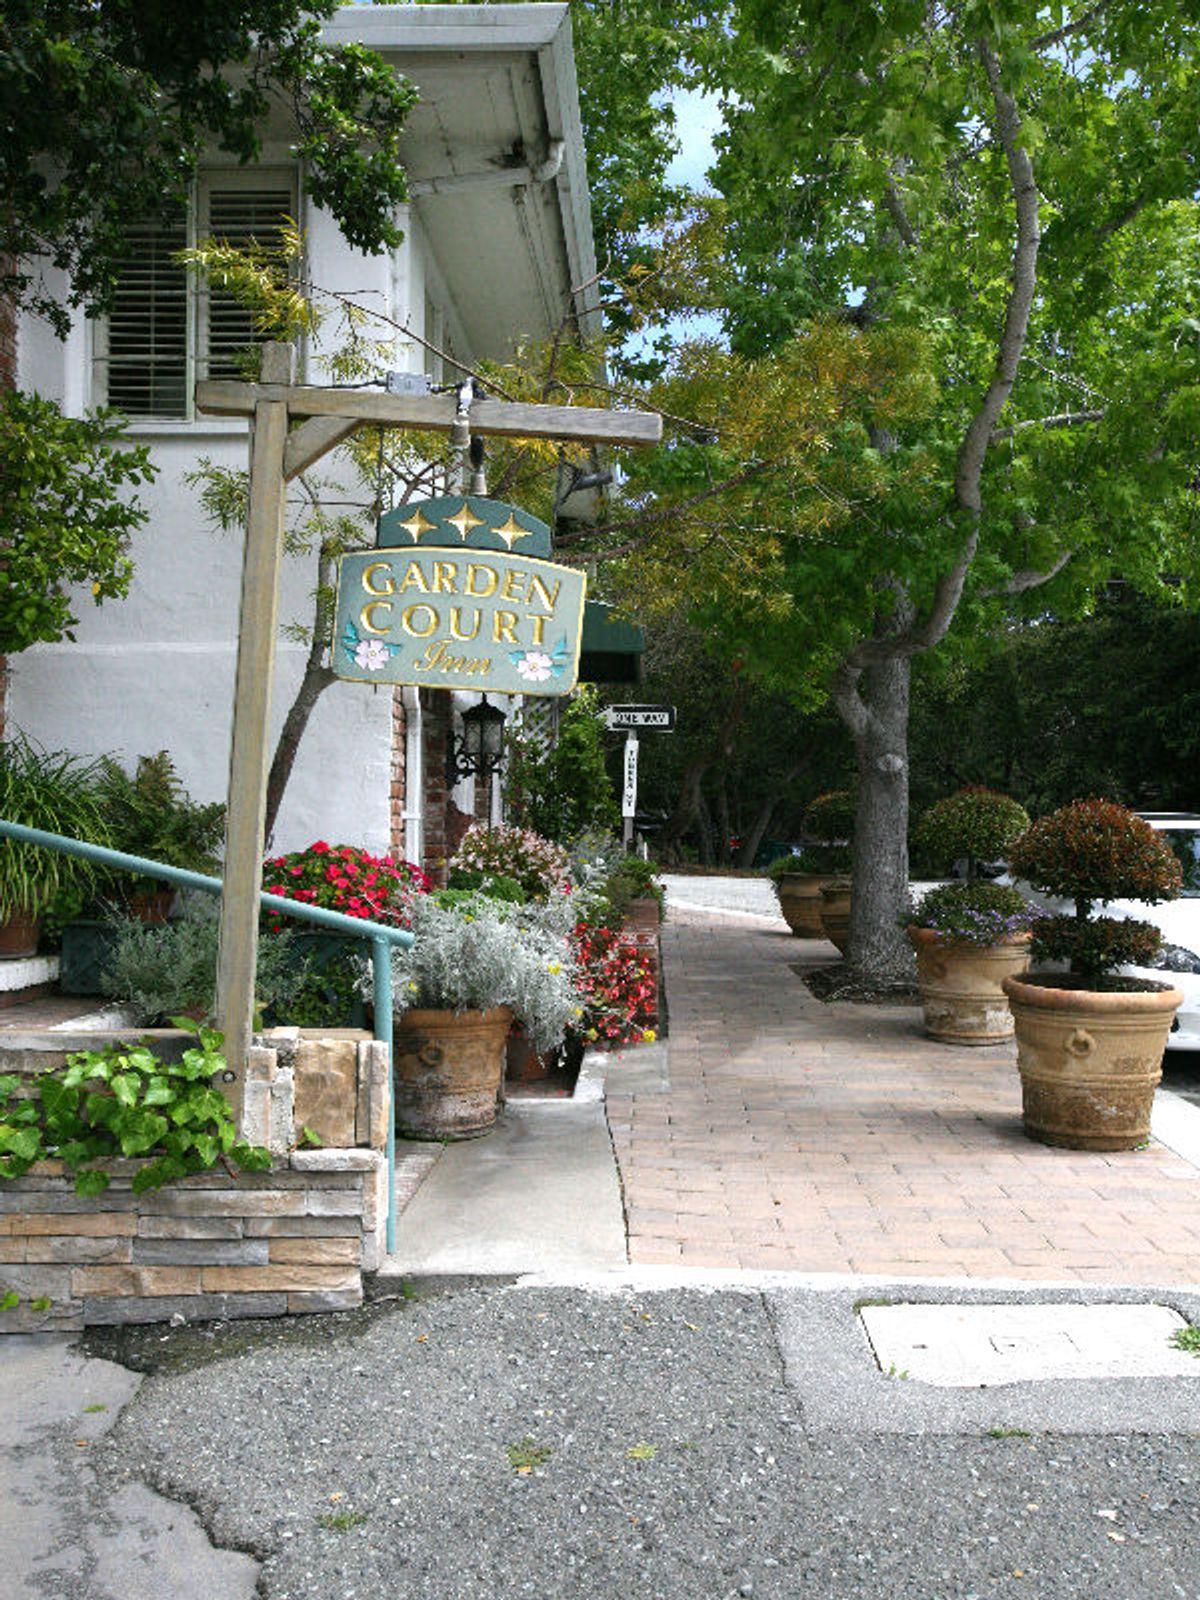 10 Room Garden Court Inn